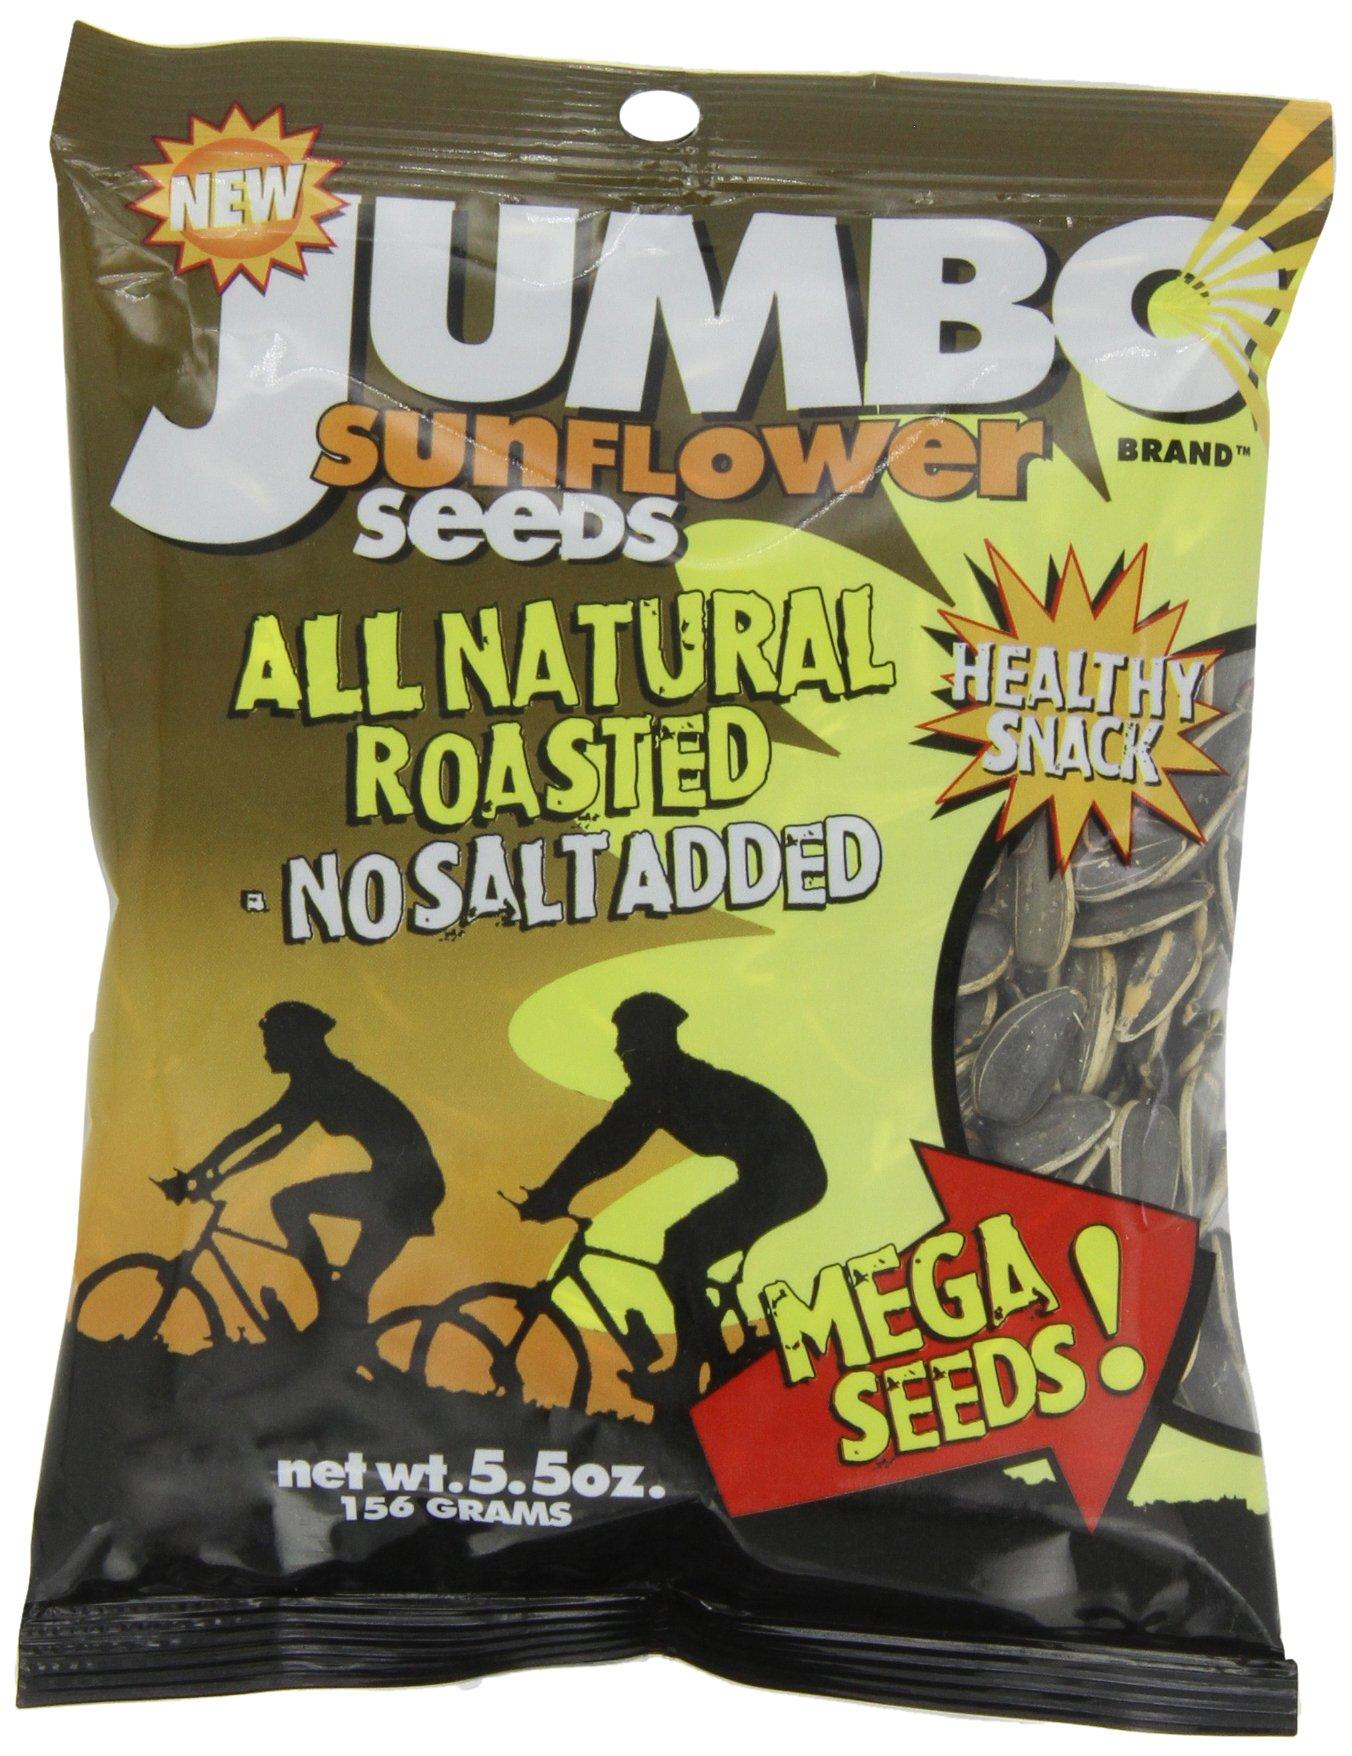 JUMBO SUNFLOWER SEEDS Sunflower Seeds, Mega No Salt, 5.5-Ounce (Pack of 12) by JUMBO SUNFLOWER SEEDS